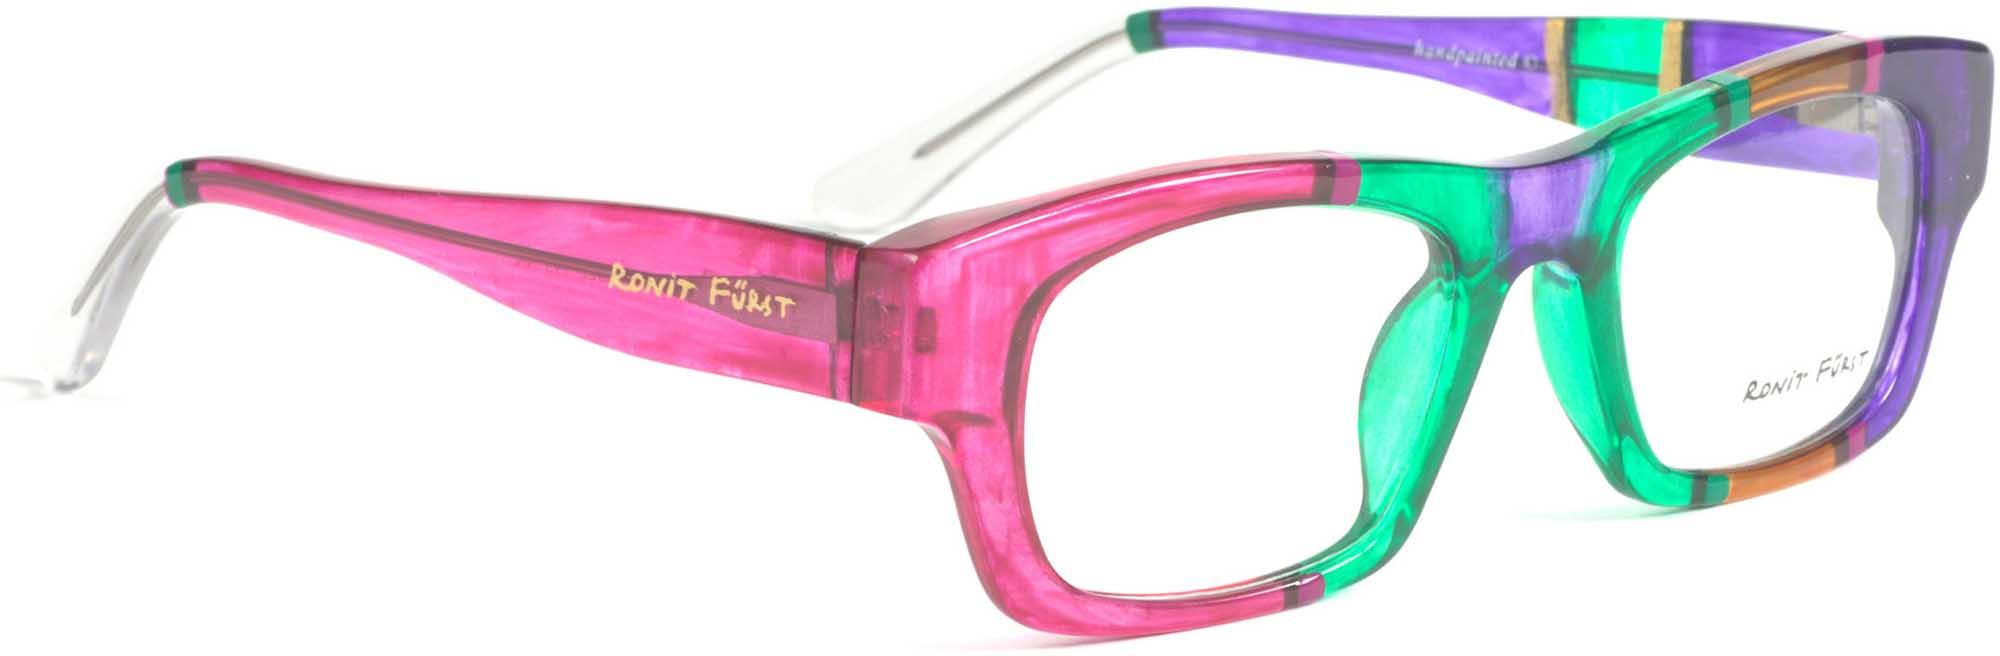 רונית פירסט, משקפיים, מגזין אופנה ישראלי - אופנה - 8